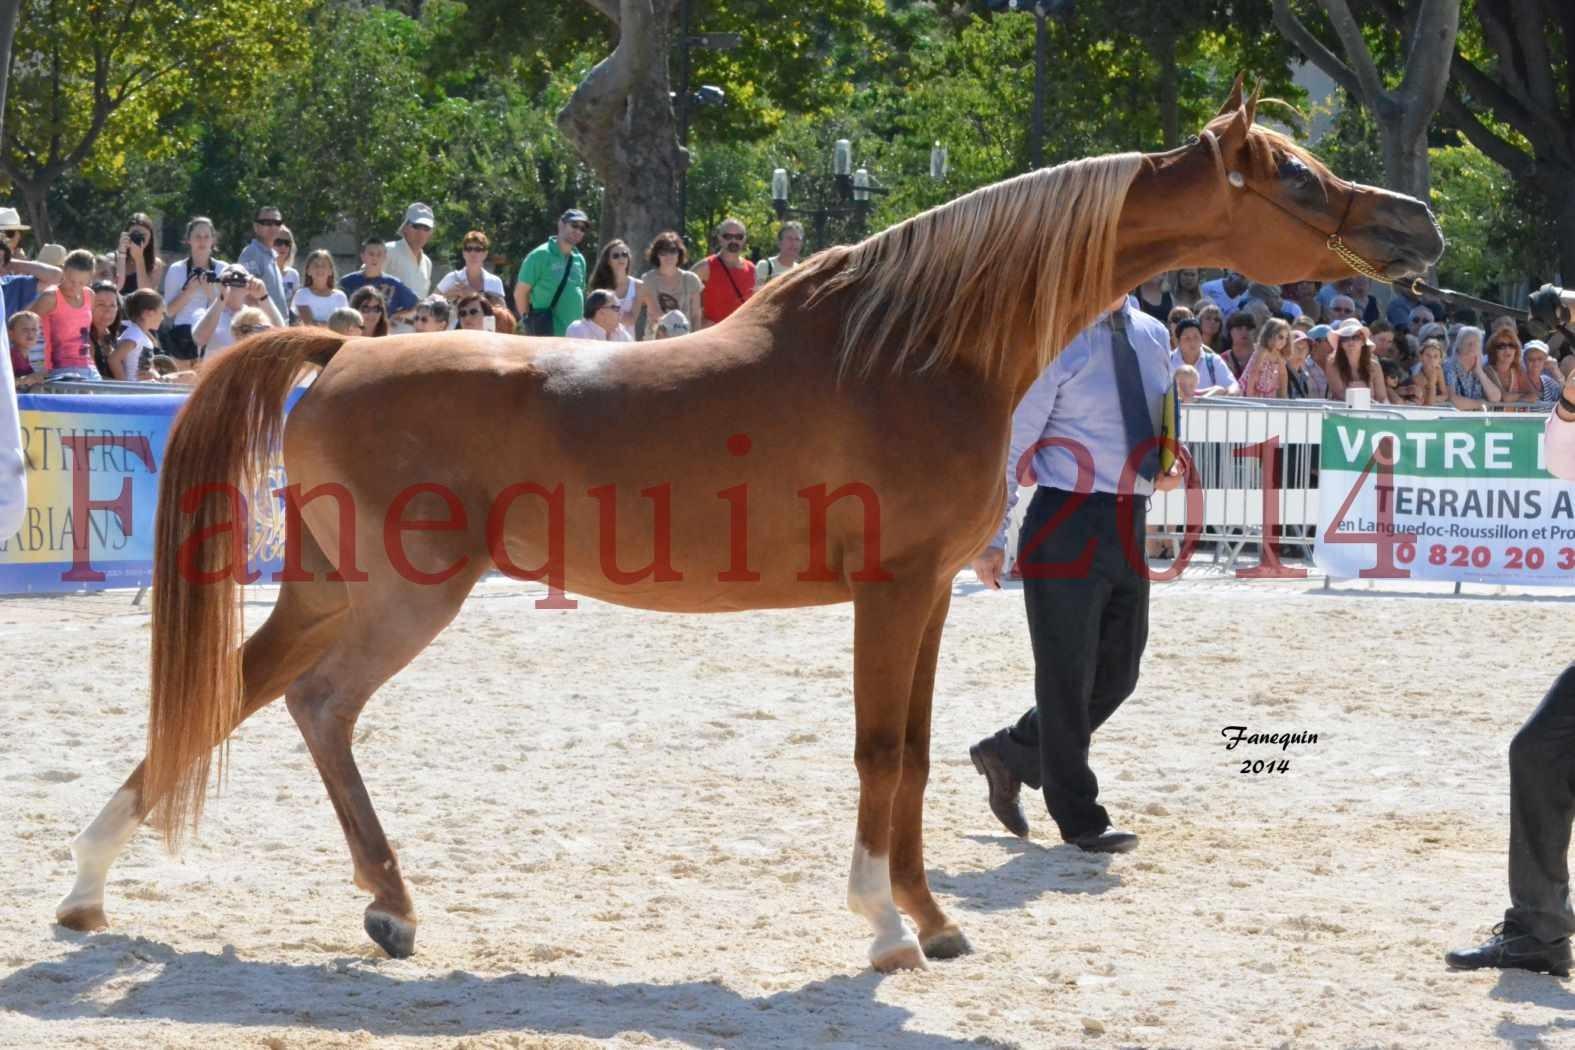 Concours National de Nîmes de chevaux ARABES 2014 - Notre Sélection - MASSAI DE BARREL - 04